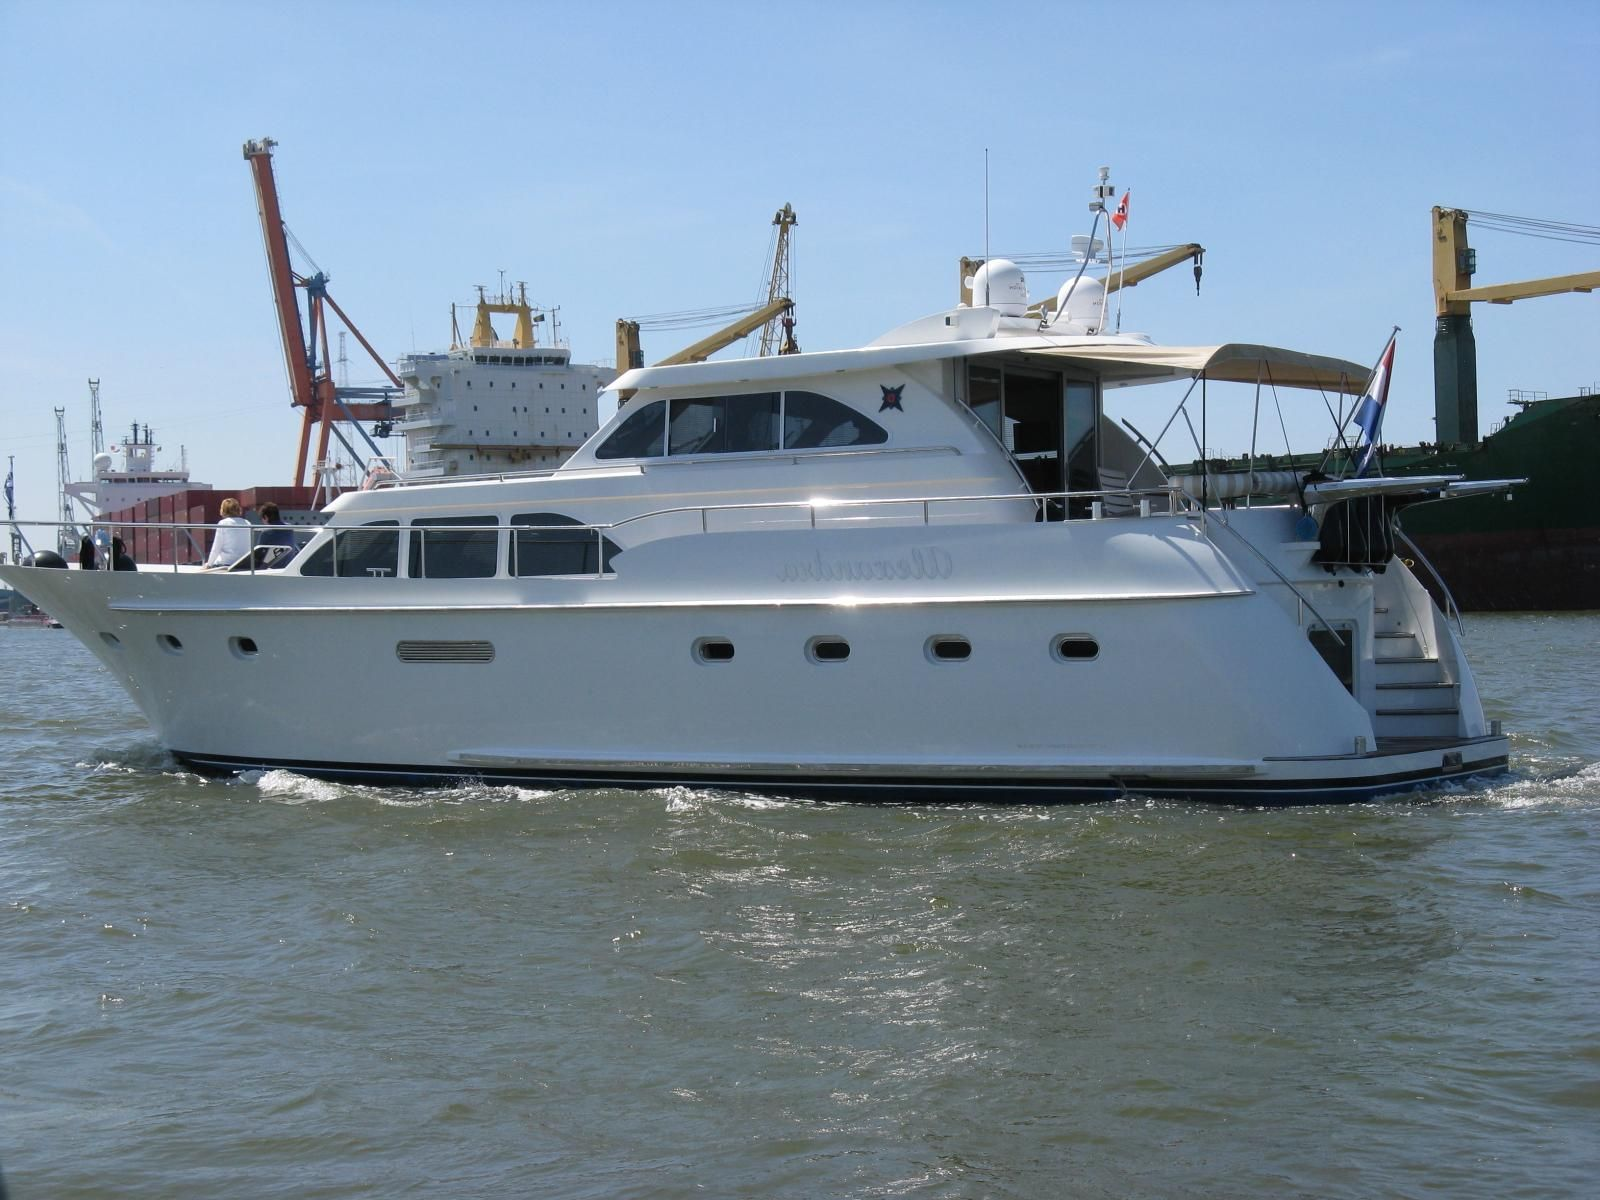 2007 van der heijden dynamic 1700 de luxe power boat for sale. Black Bedroom Furniture Sets. Home Design Ideas